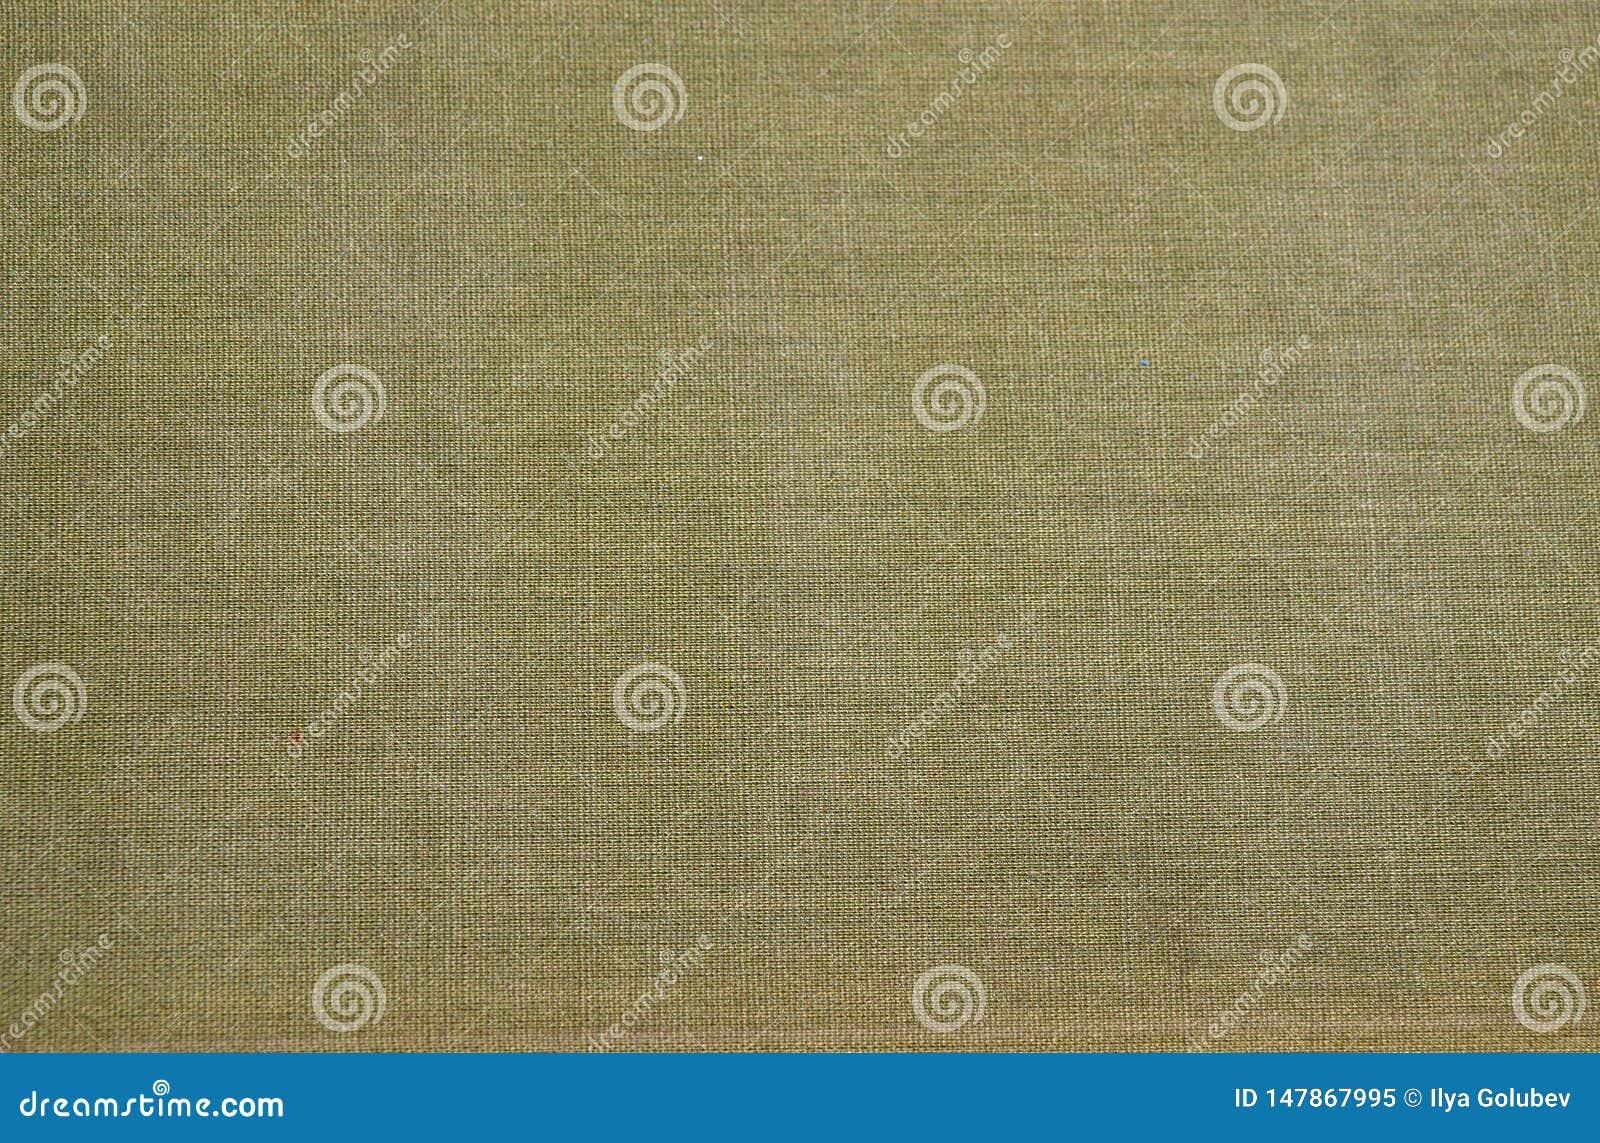 Δομή χρώματος του βιβλίου Υπόβαθρο του αρχαίου βιβλίου Κάλυψη βιβλίων